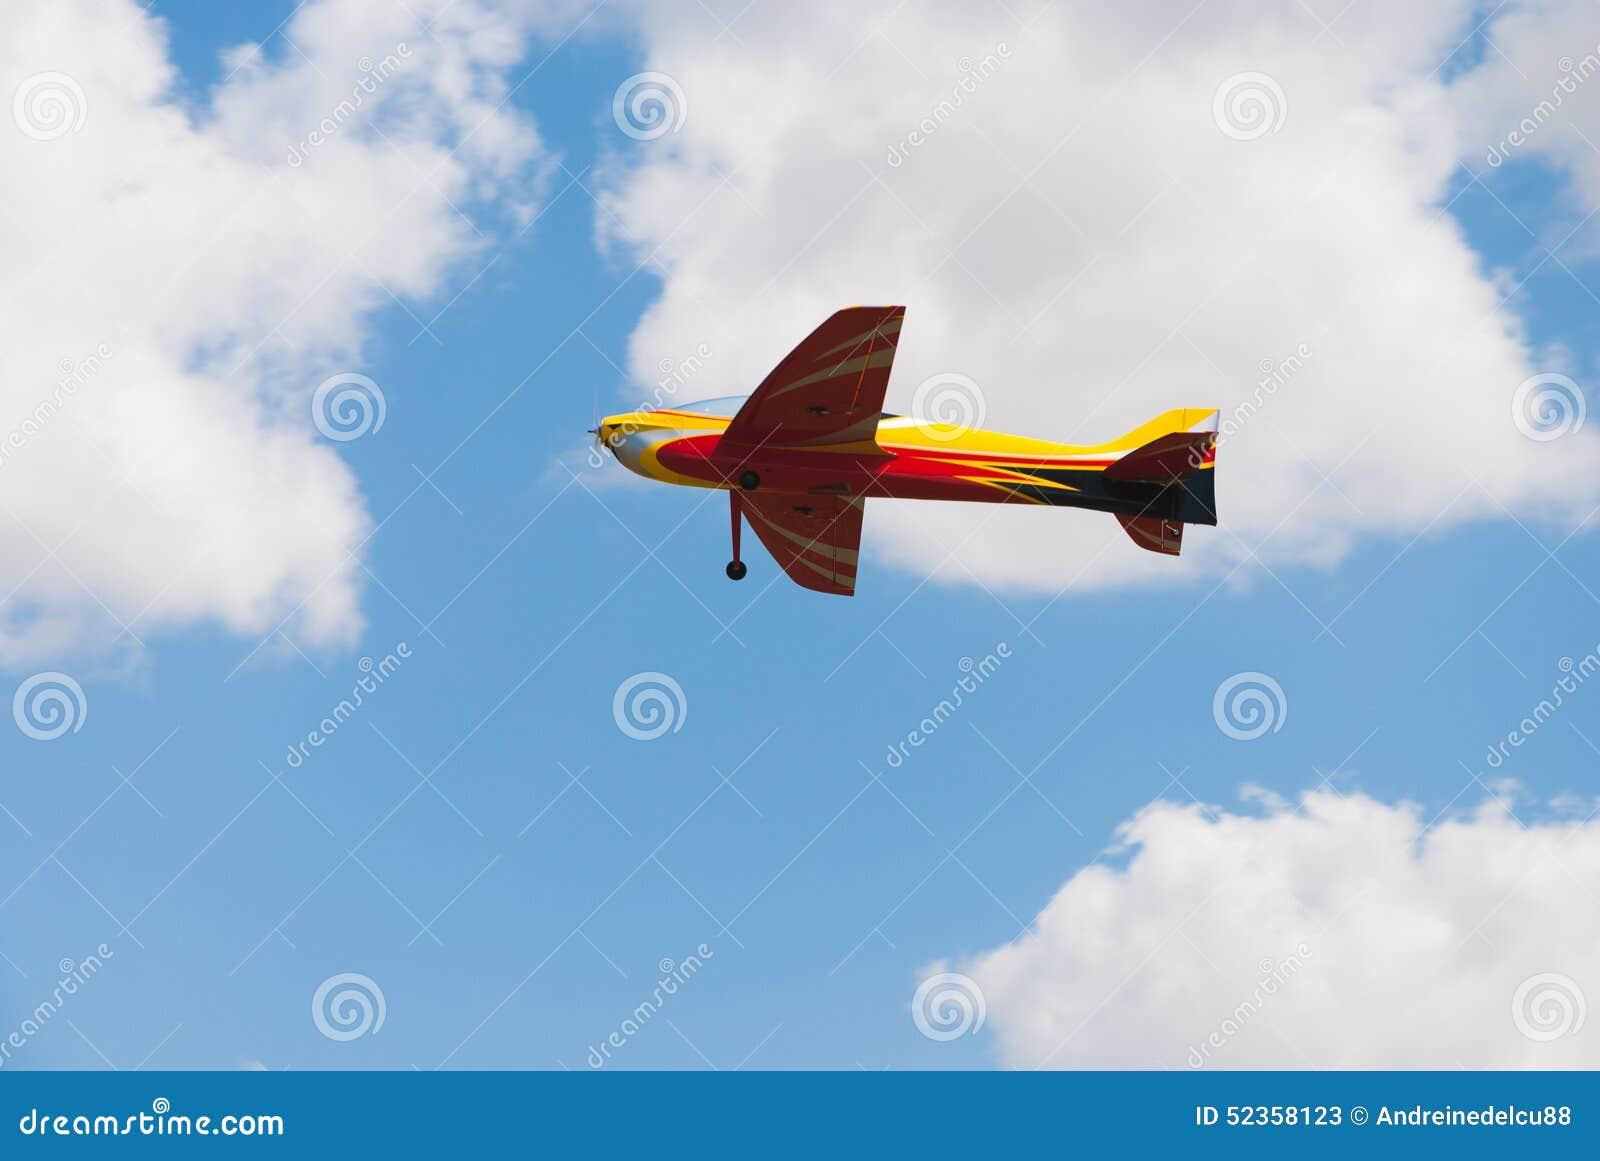 Летание самолета желтого цвета RC модельное